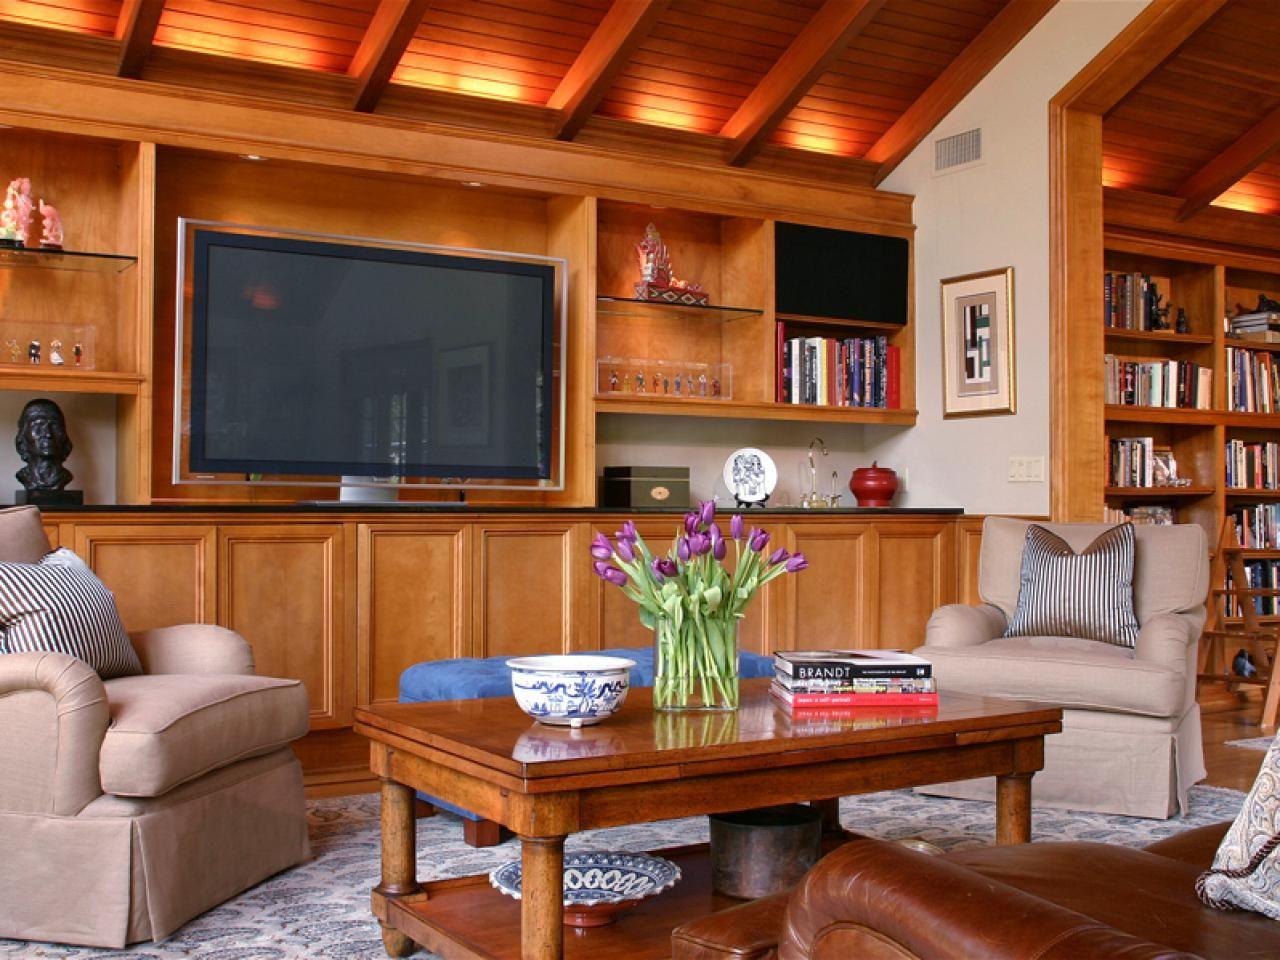 track lighting dp grubb wood living room sxjpgrendhgtvcom ceiling fixtures hidden lights brighter